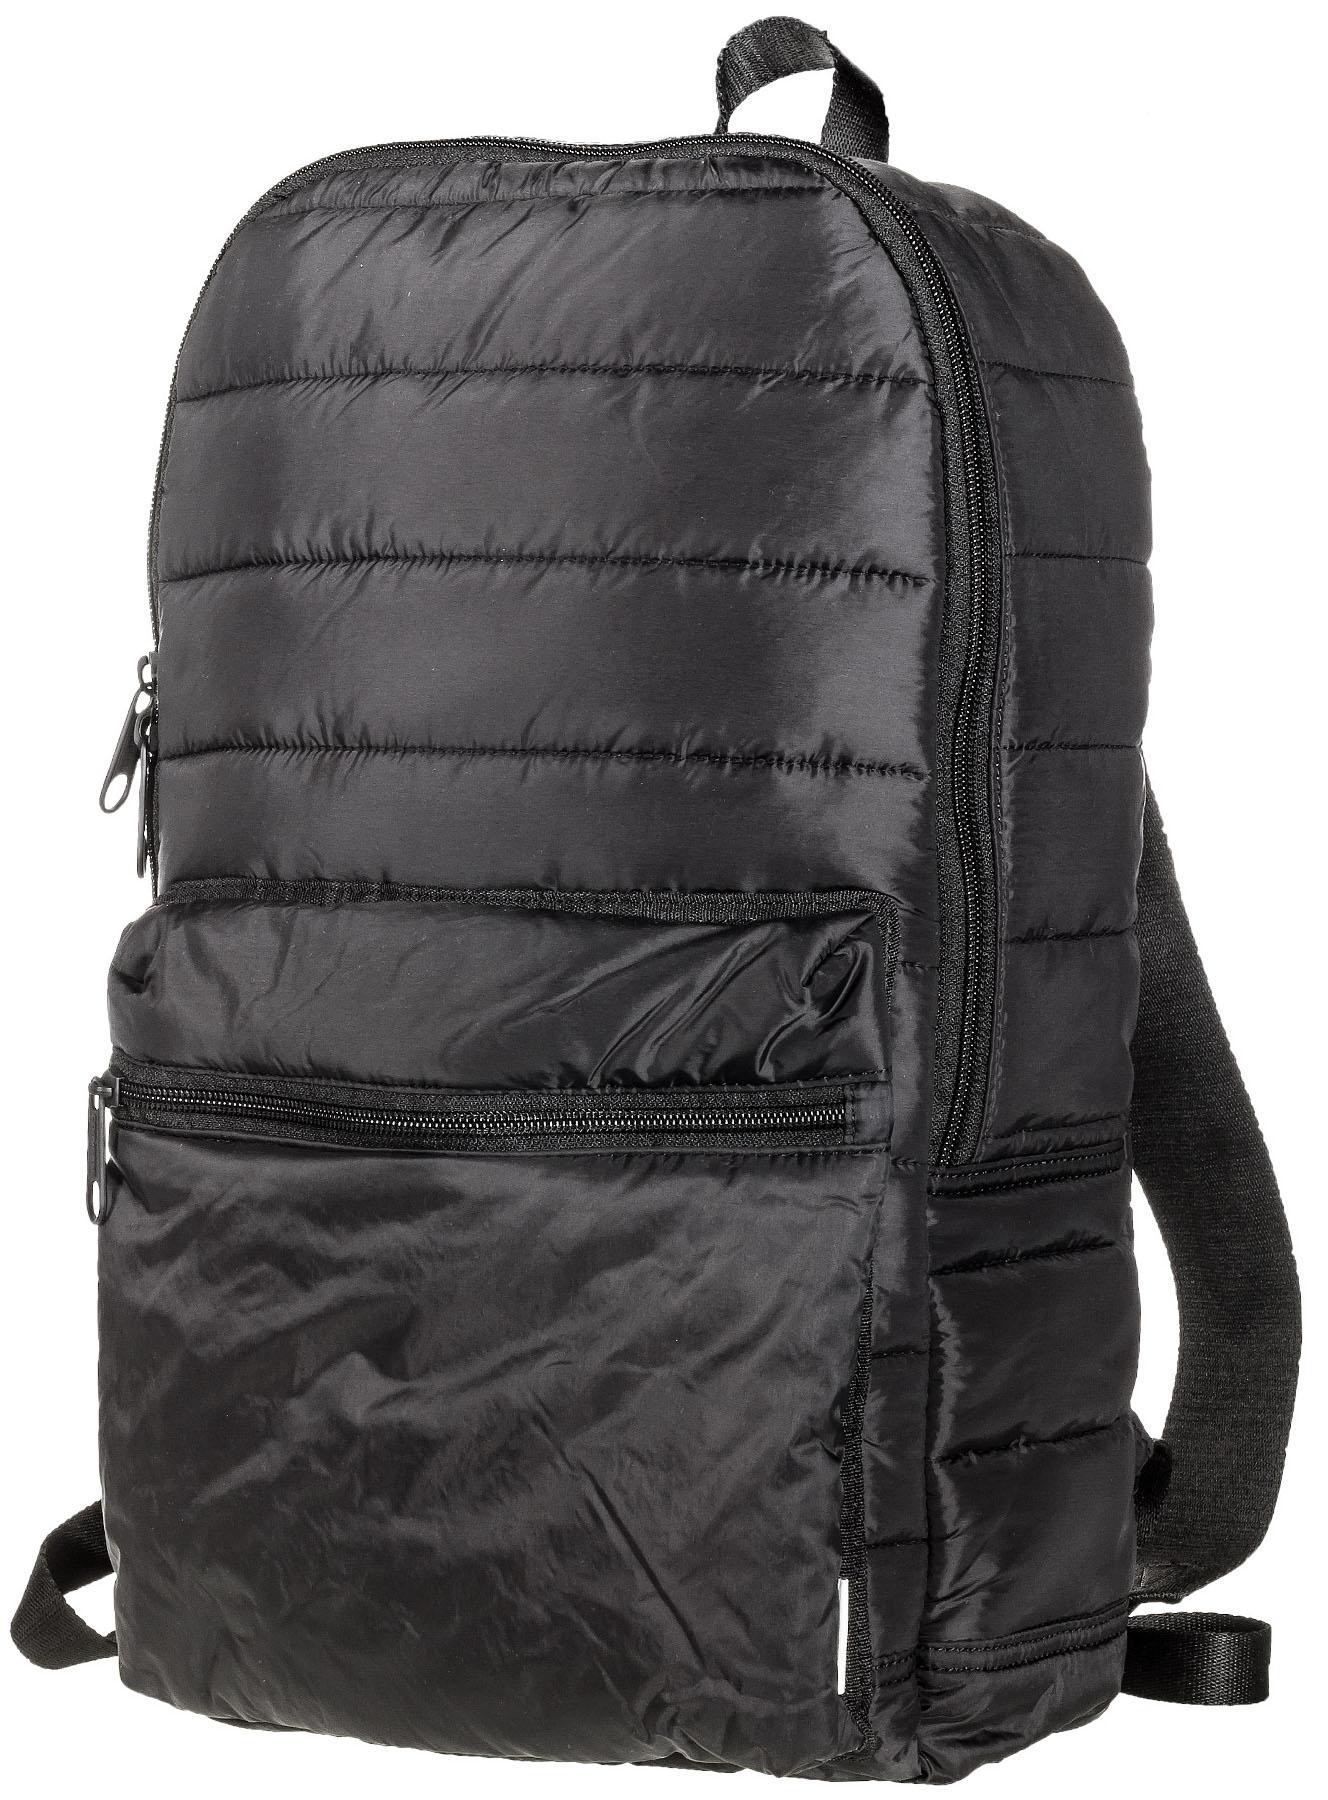 Рюкзак Converse Packable Backpack, цвет: черный. 10001331001S76245Рюкзак Converse Packable Backpack выполнен из стеганого текстиля. Модель с одним отделением. Спереди объемный карман на молнии. У рюкзака регулируемые по длине плечевые лямки и петля для подвешивания.